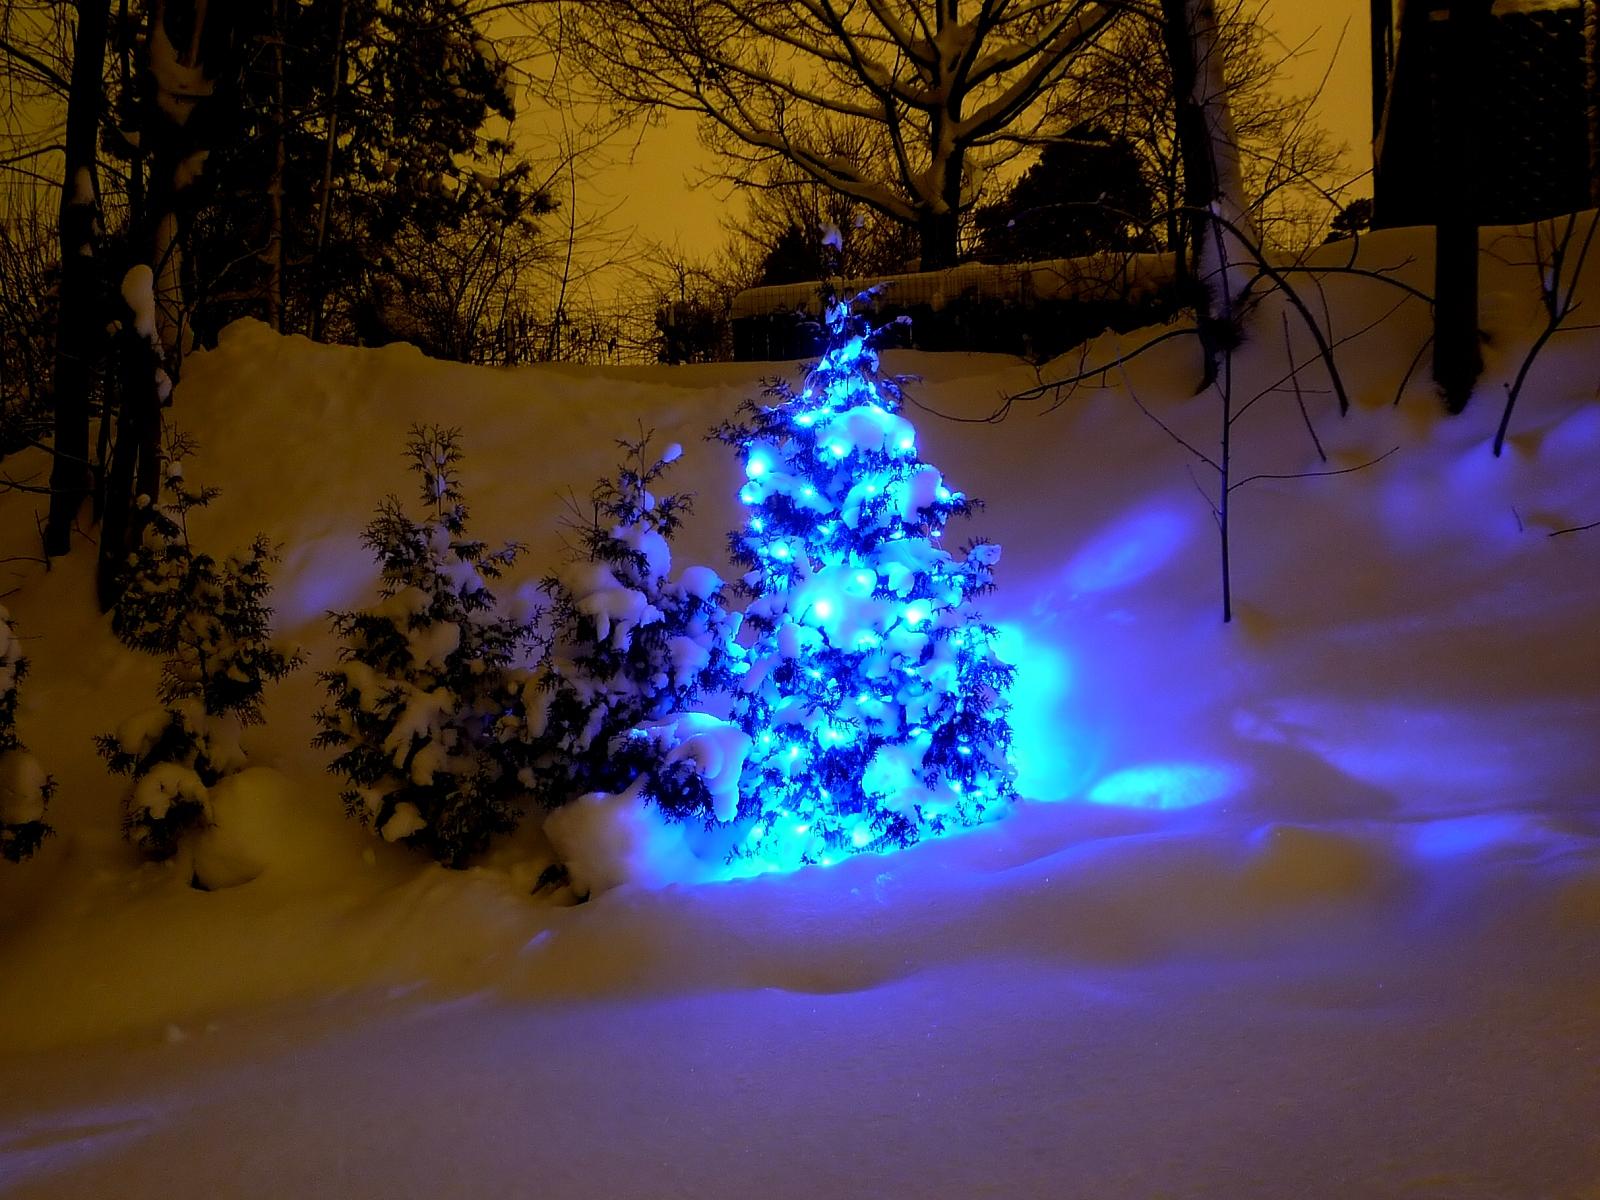 Alla Ricerca Della Stella Di Natale Wiki.Natale In Finlandia Wikipedia